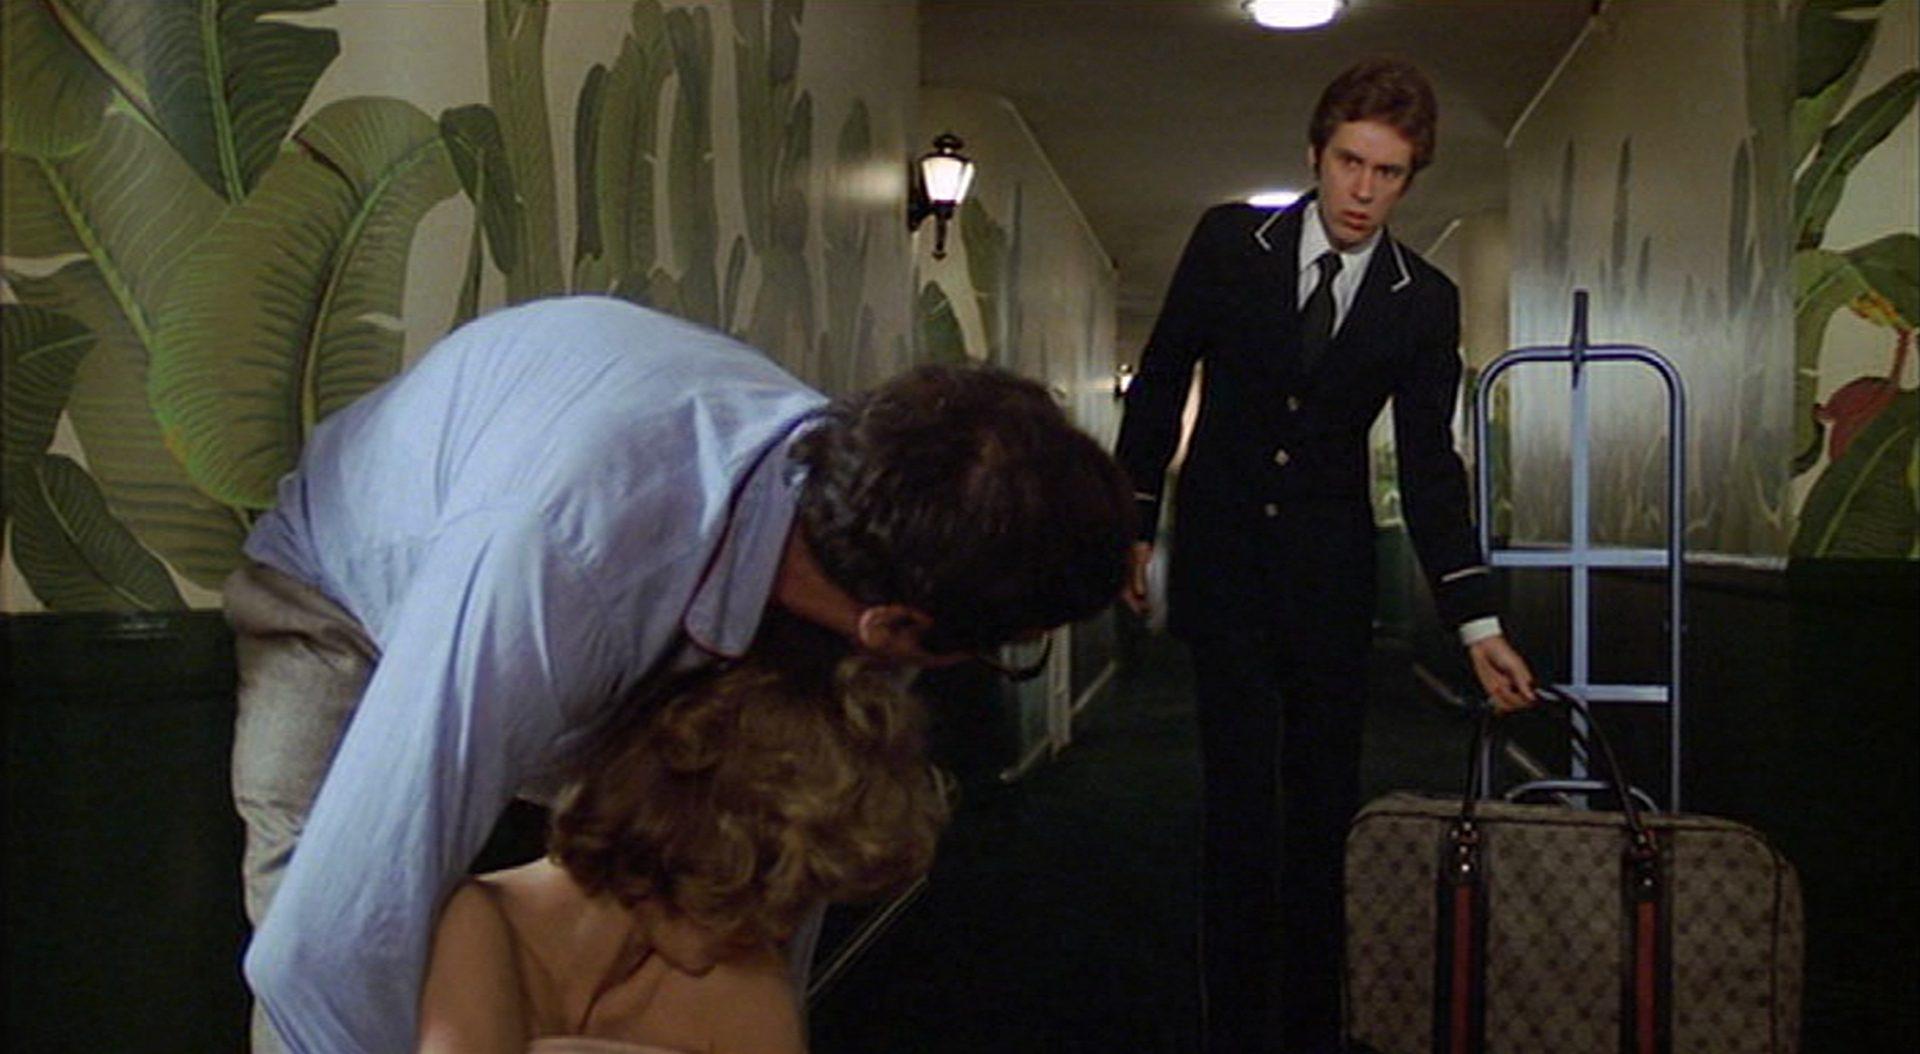 Irritierter Blick eines Hotelangestellten auf Matthau, der gerade die schlafende Frau auf den Etagenflur zerrt.